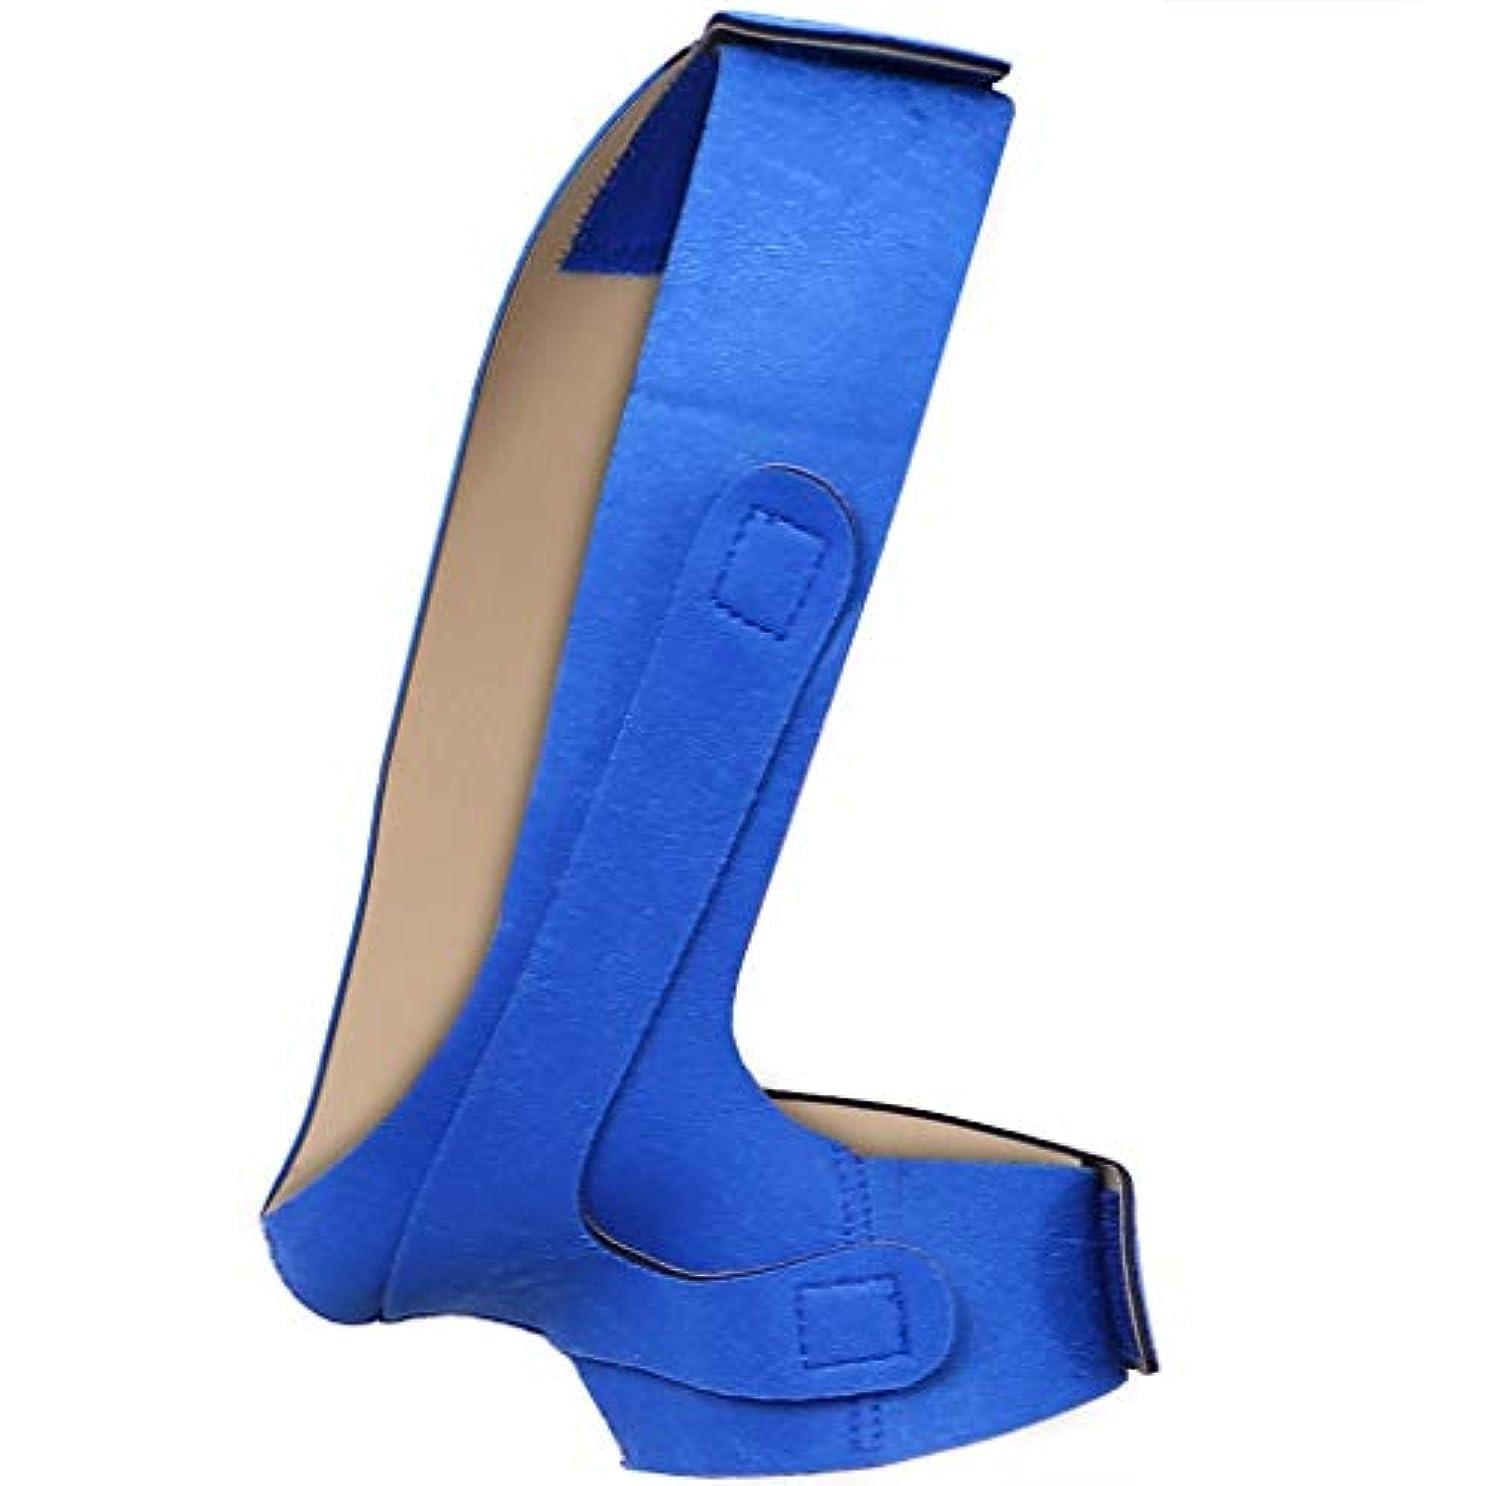 局たくさんリスナーJia He 軽量 アンチリンクルフェイス二重あごビームフェイスベルトを持ち上げる薄い顔ベルト、通気性睡眠包帯Vフェイスアーティファクト ## (Color : Blue)